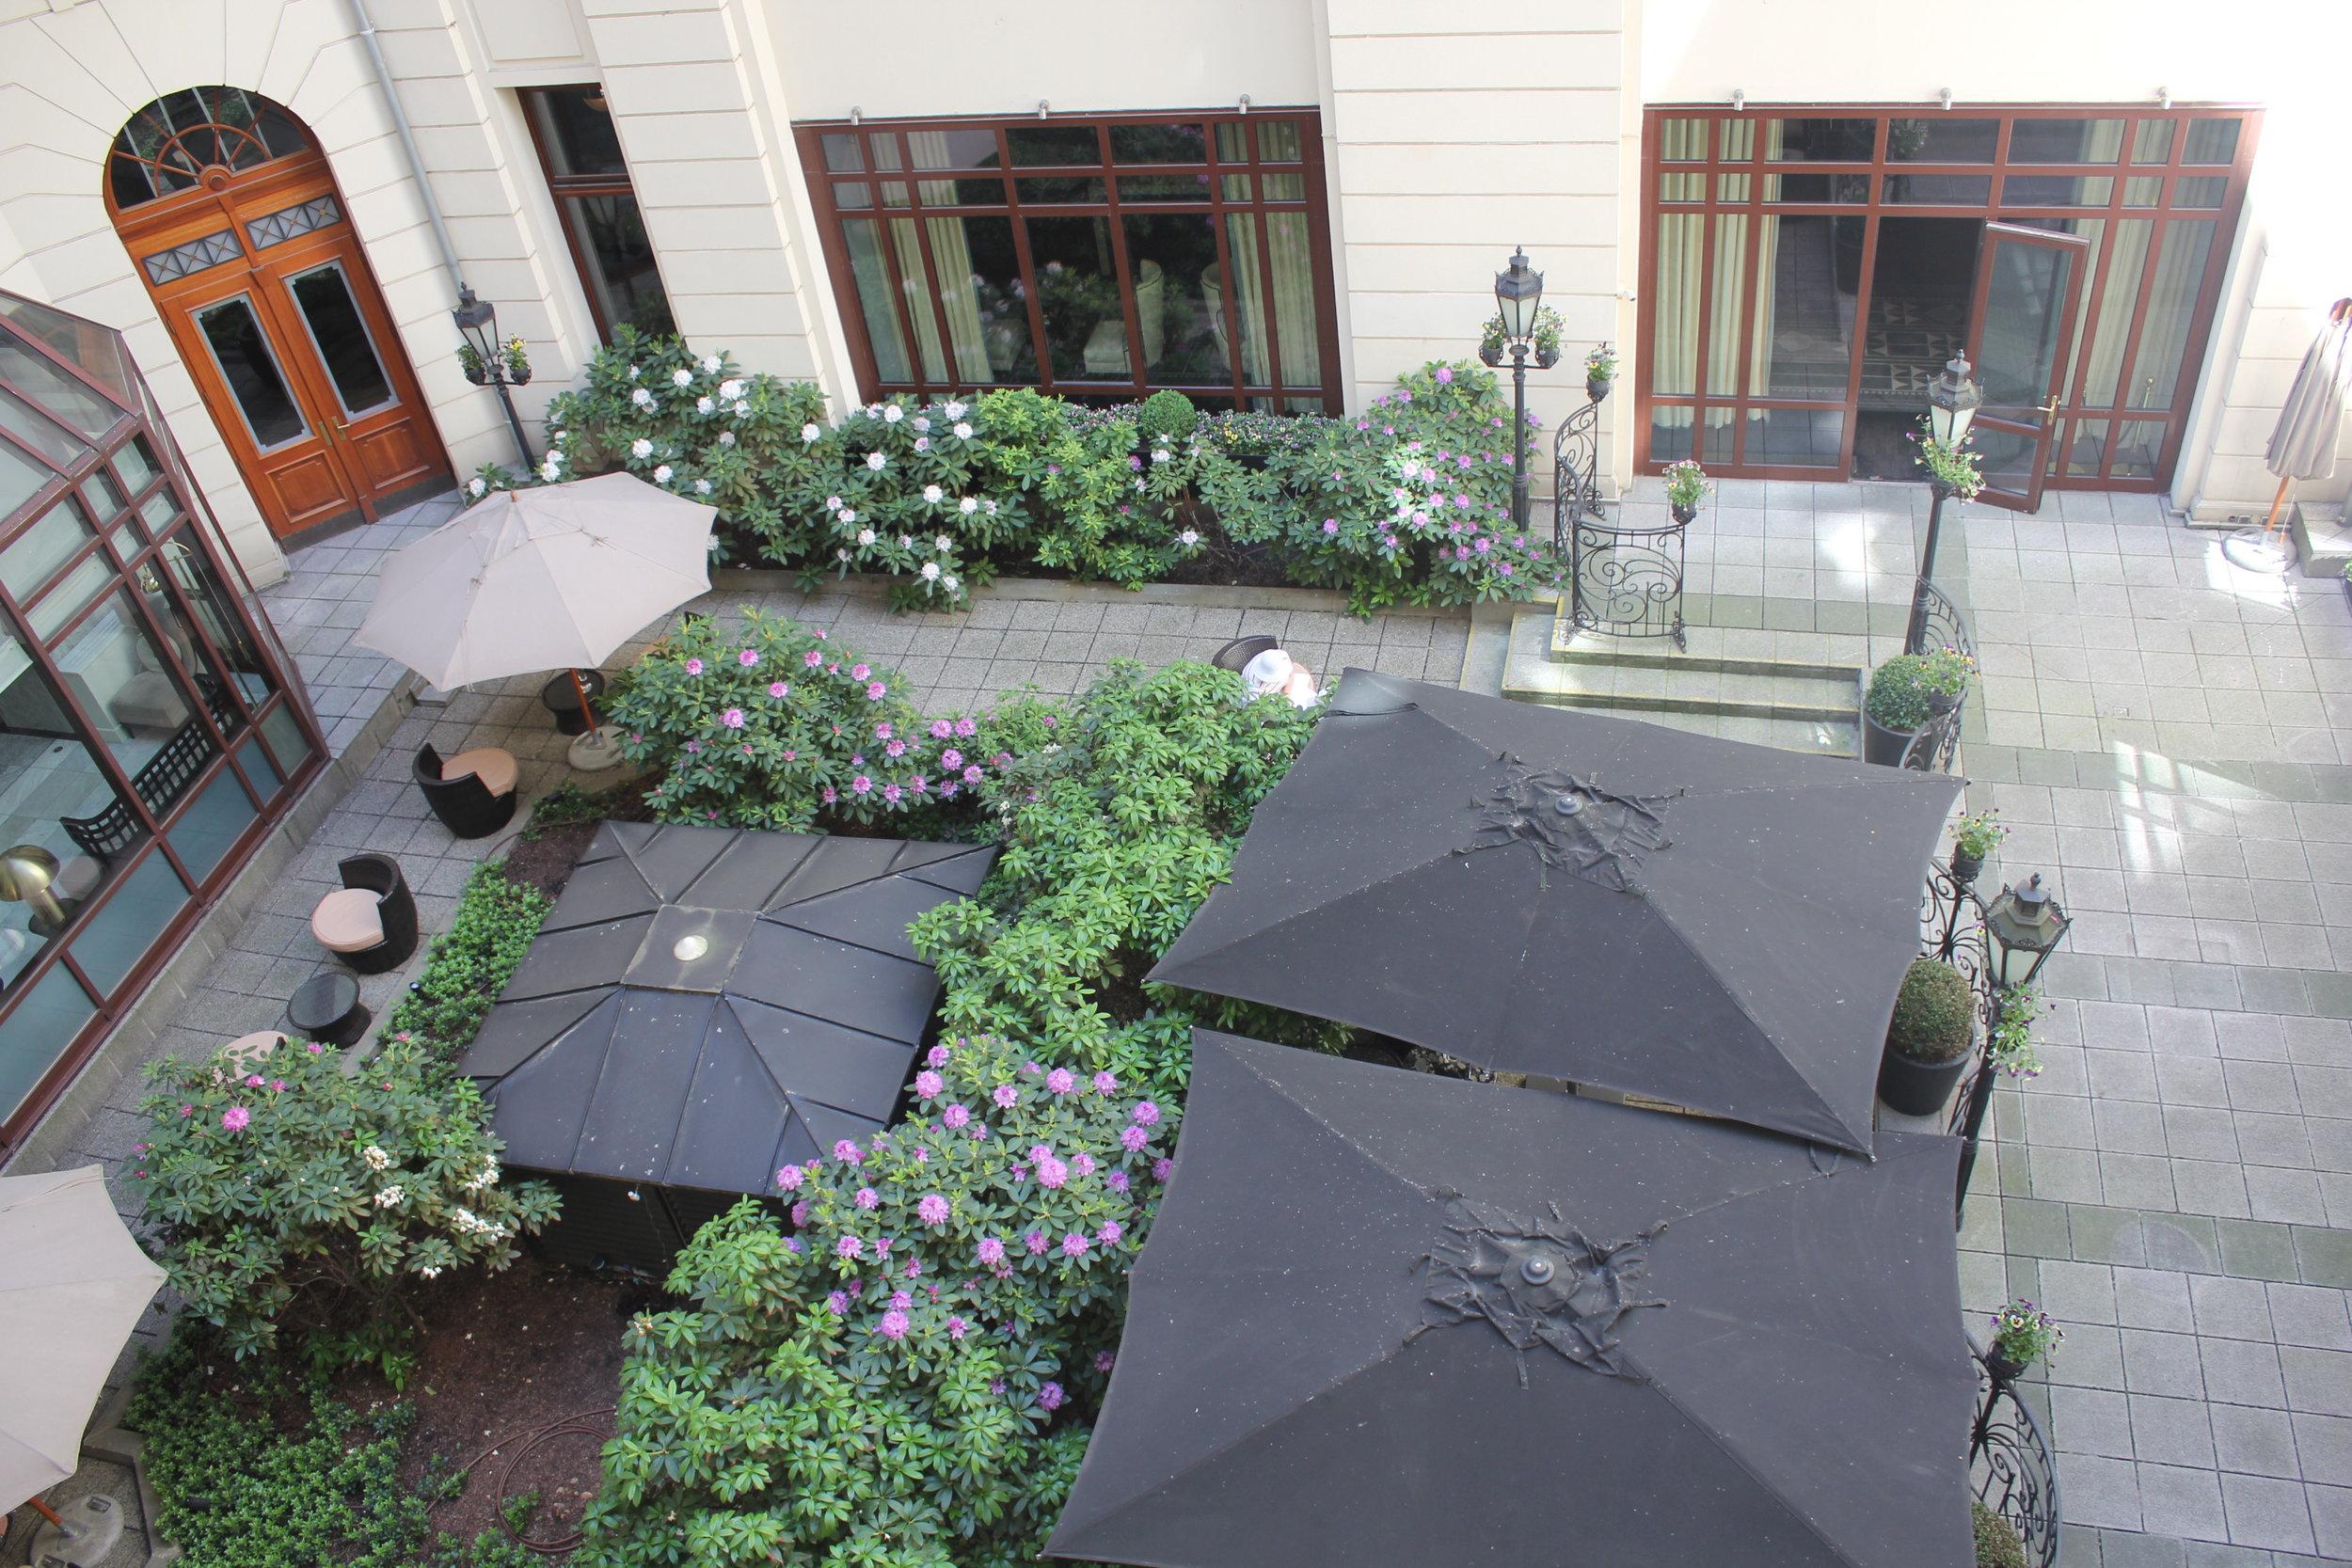 Hotel Bristol Warsaw – View of courtyard